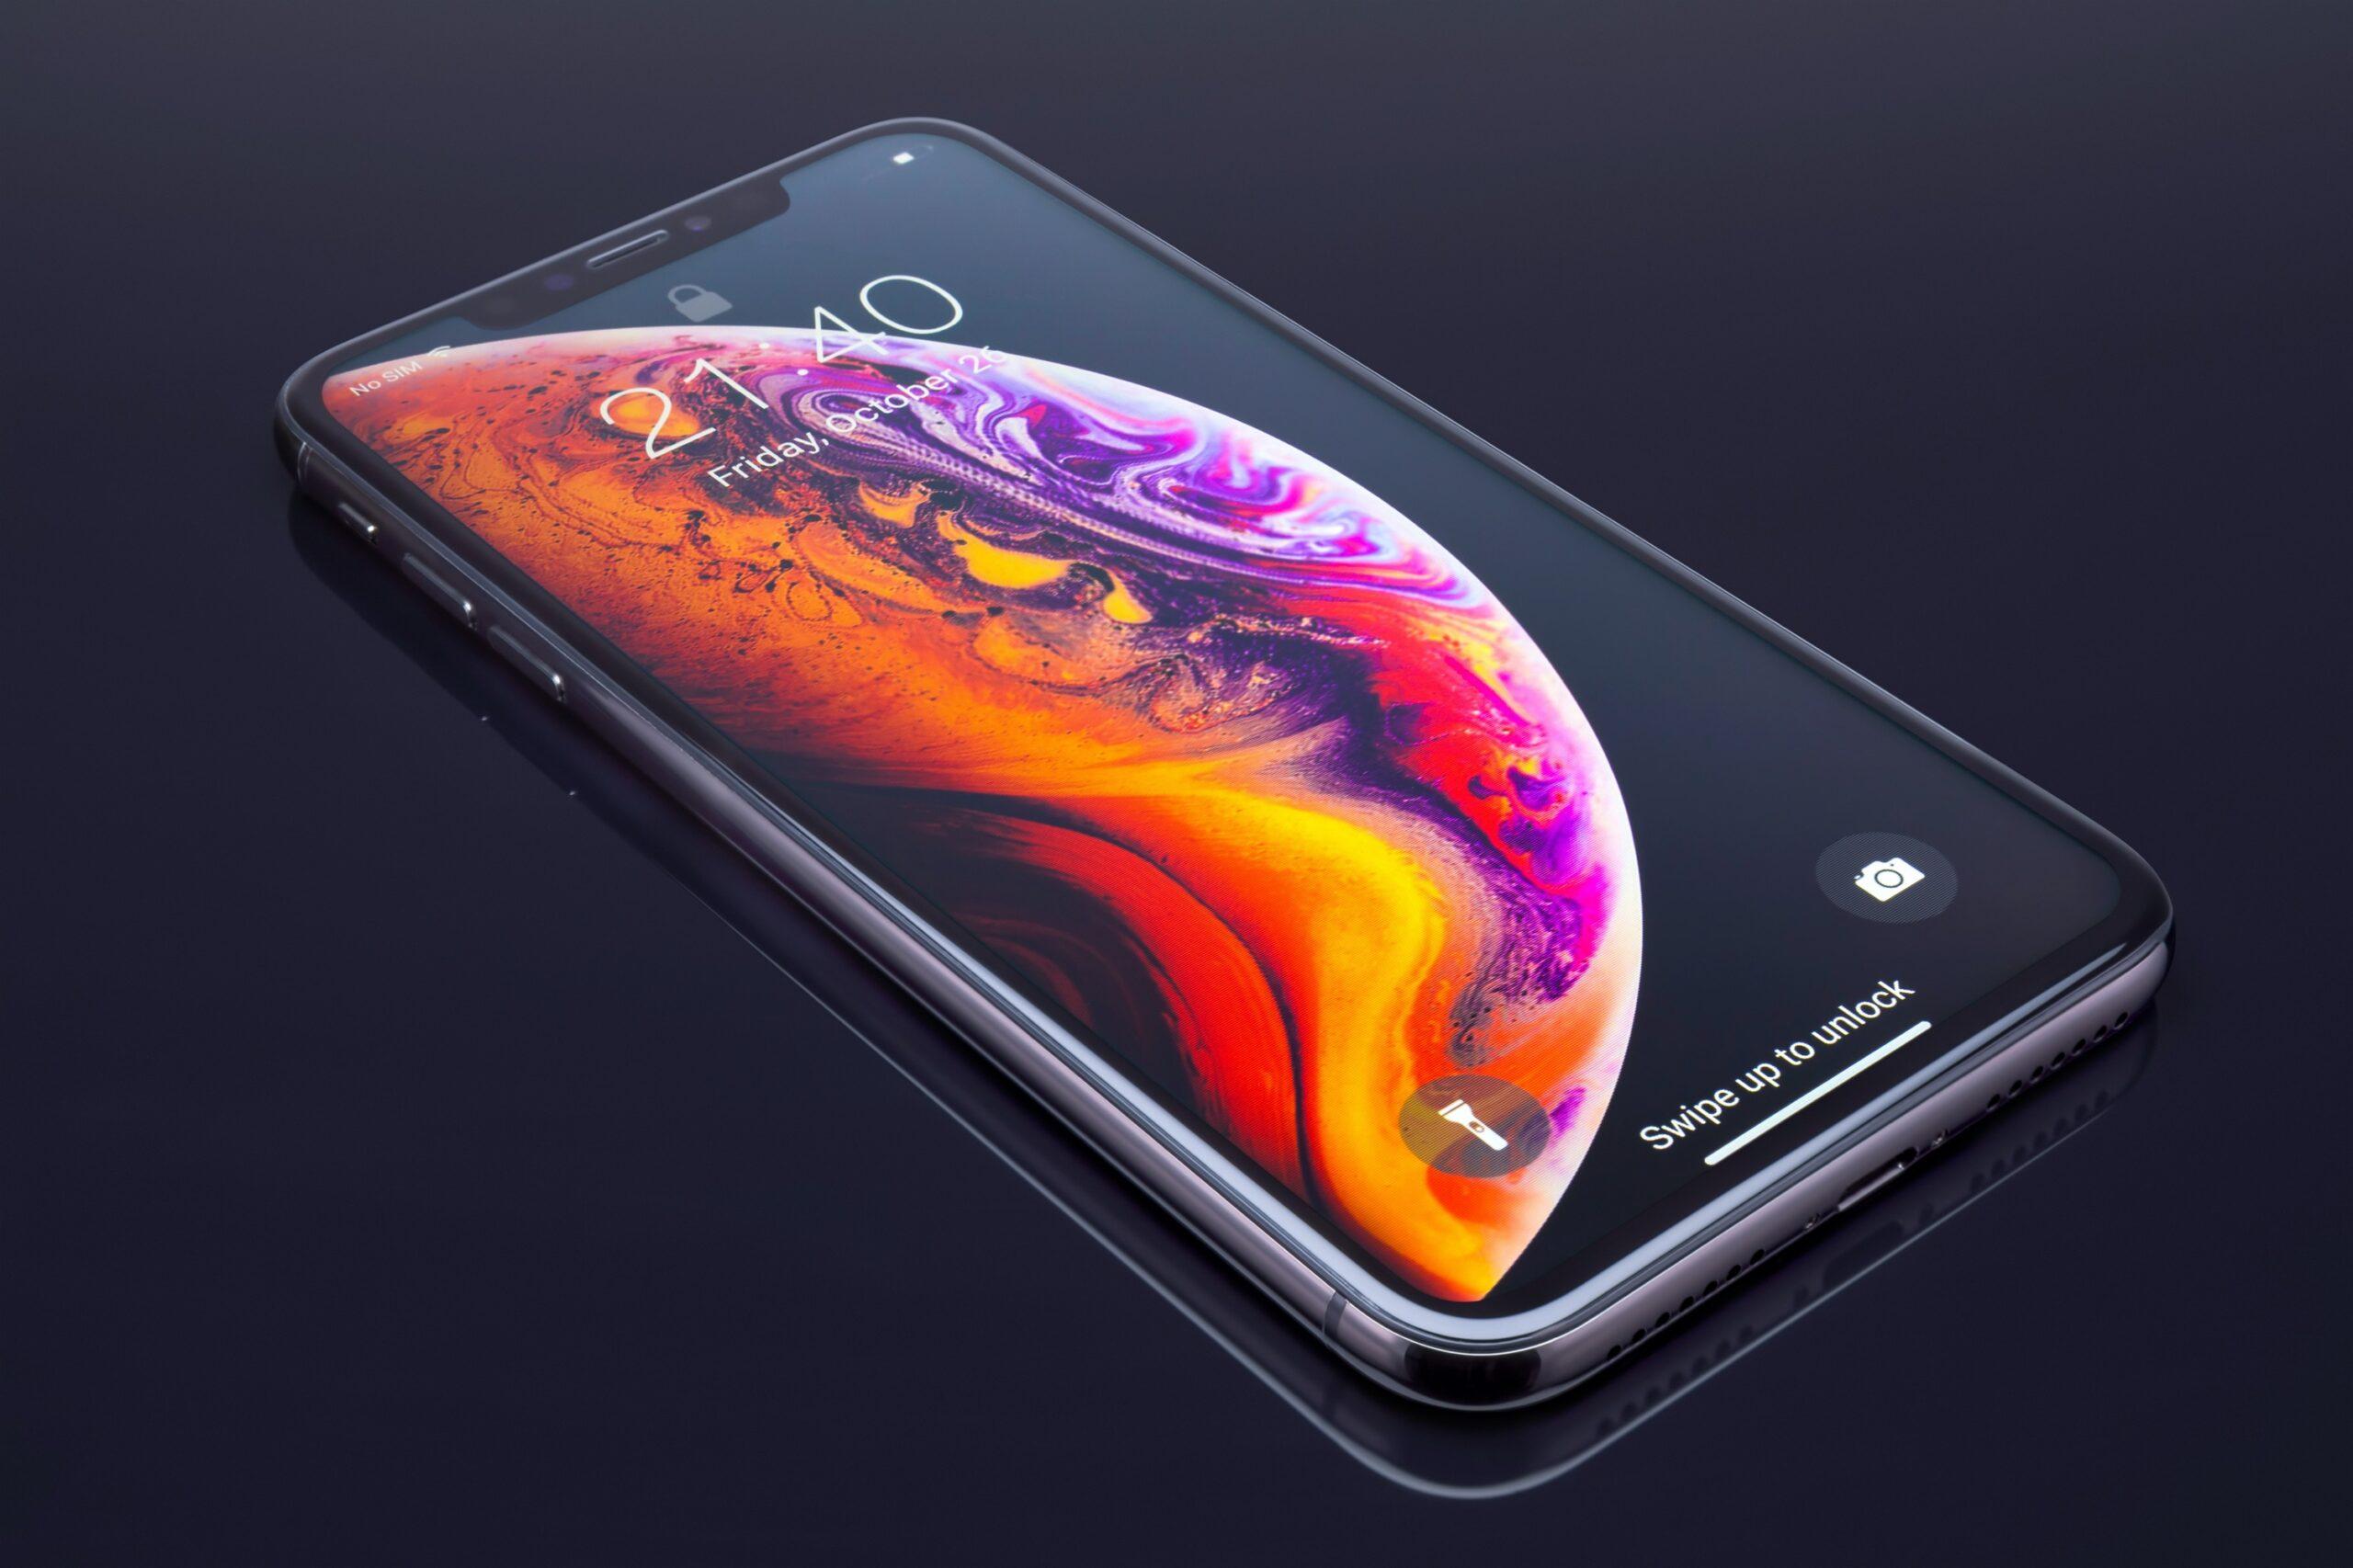 iPhone XS Max inclinado sobre um fundo preto